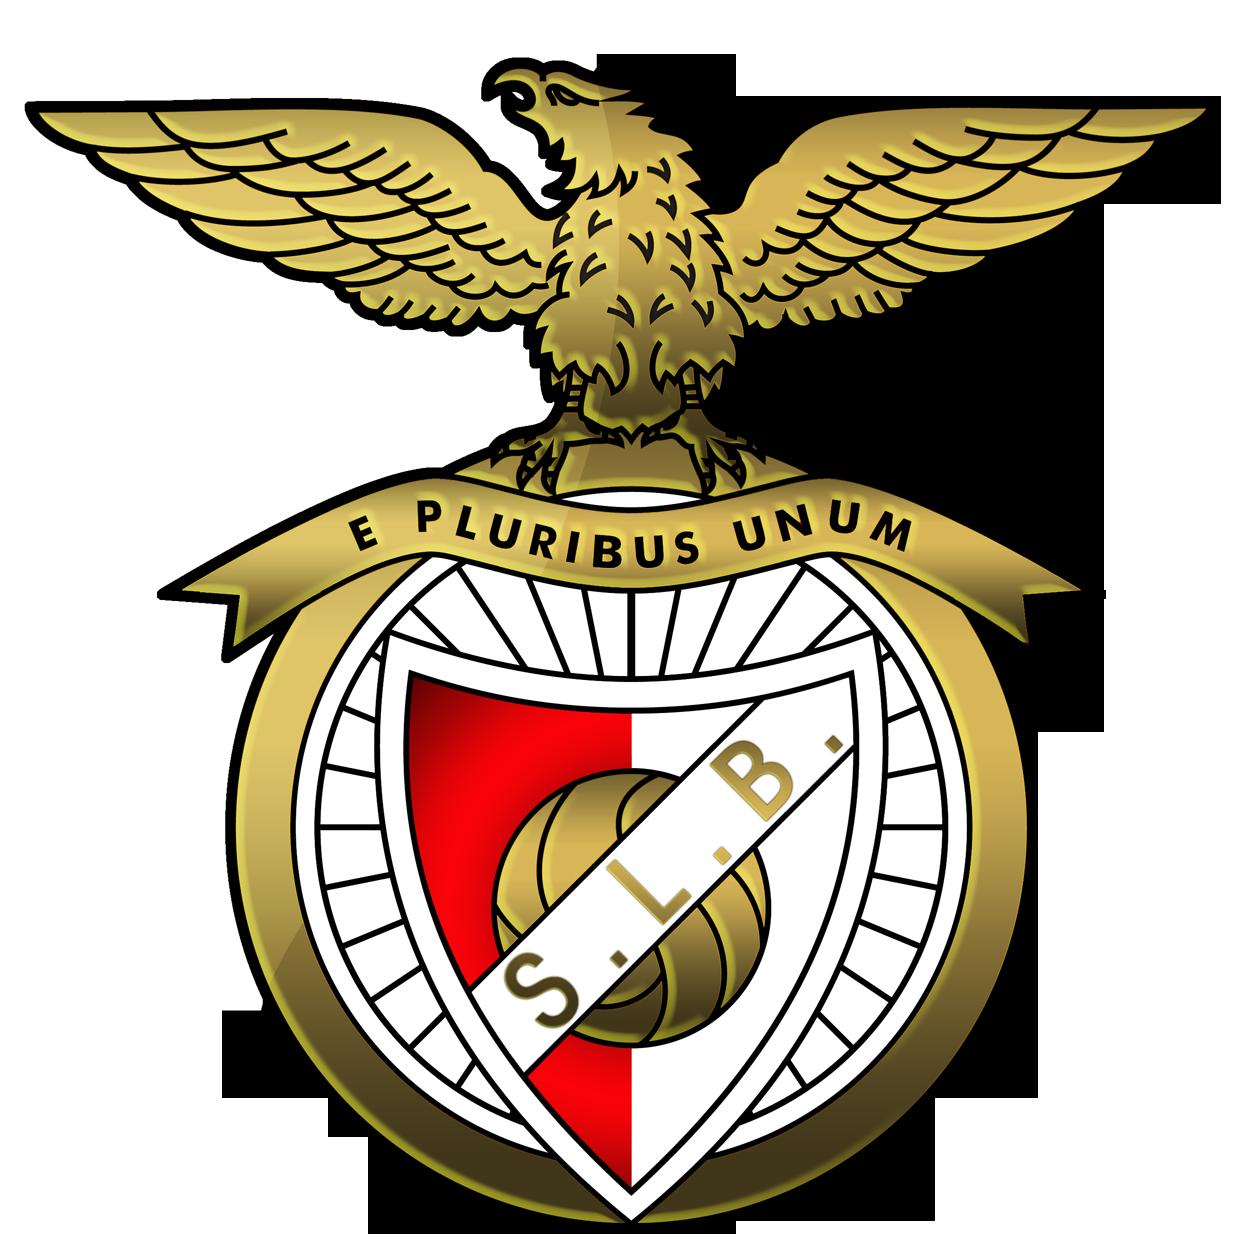 . Hdpng.com 20151028Badge0314006.png Hdpng.com  - Benfica Fc, Transparent background PNG HD thumbnail